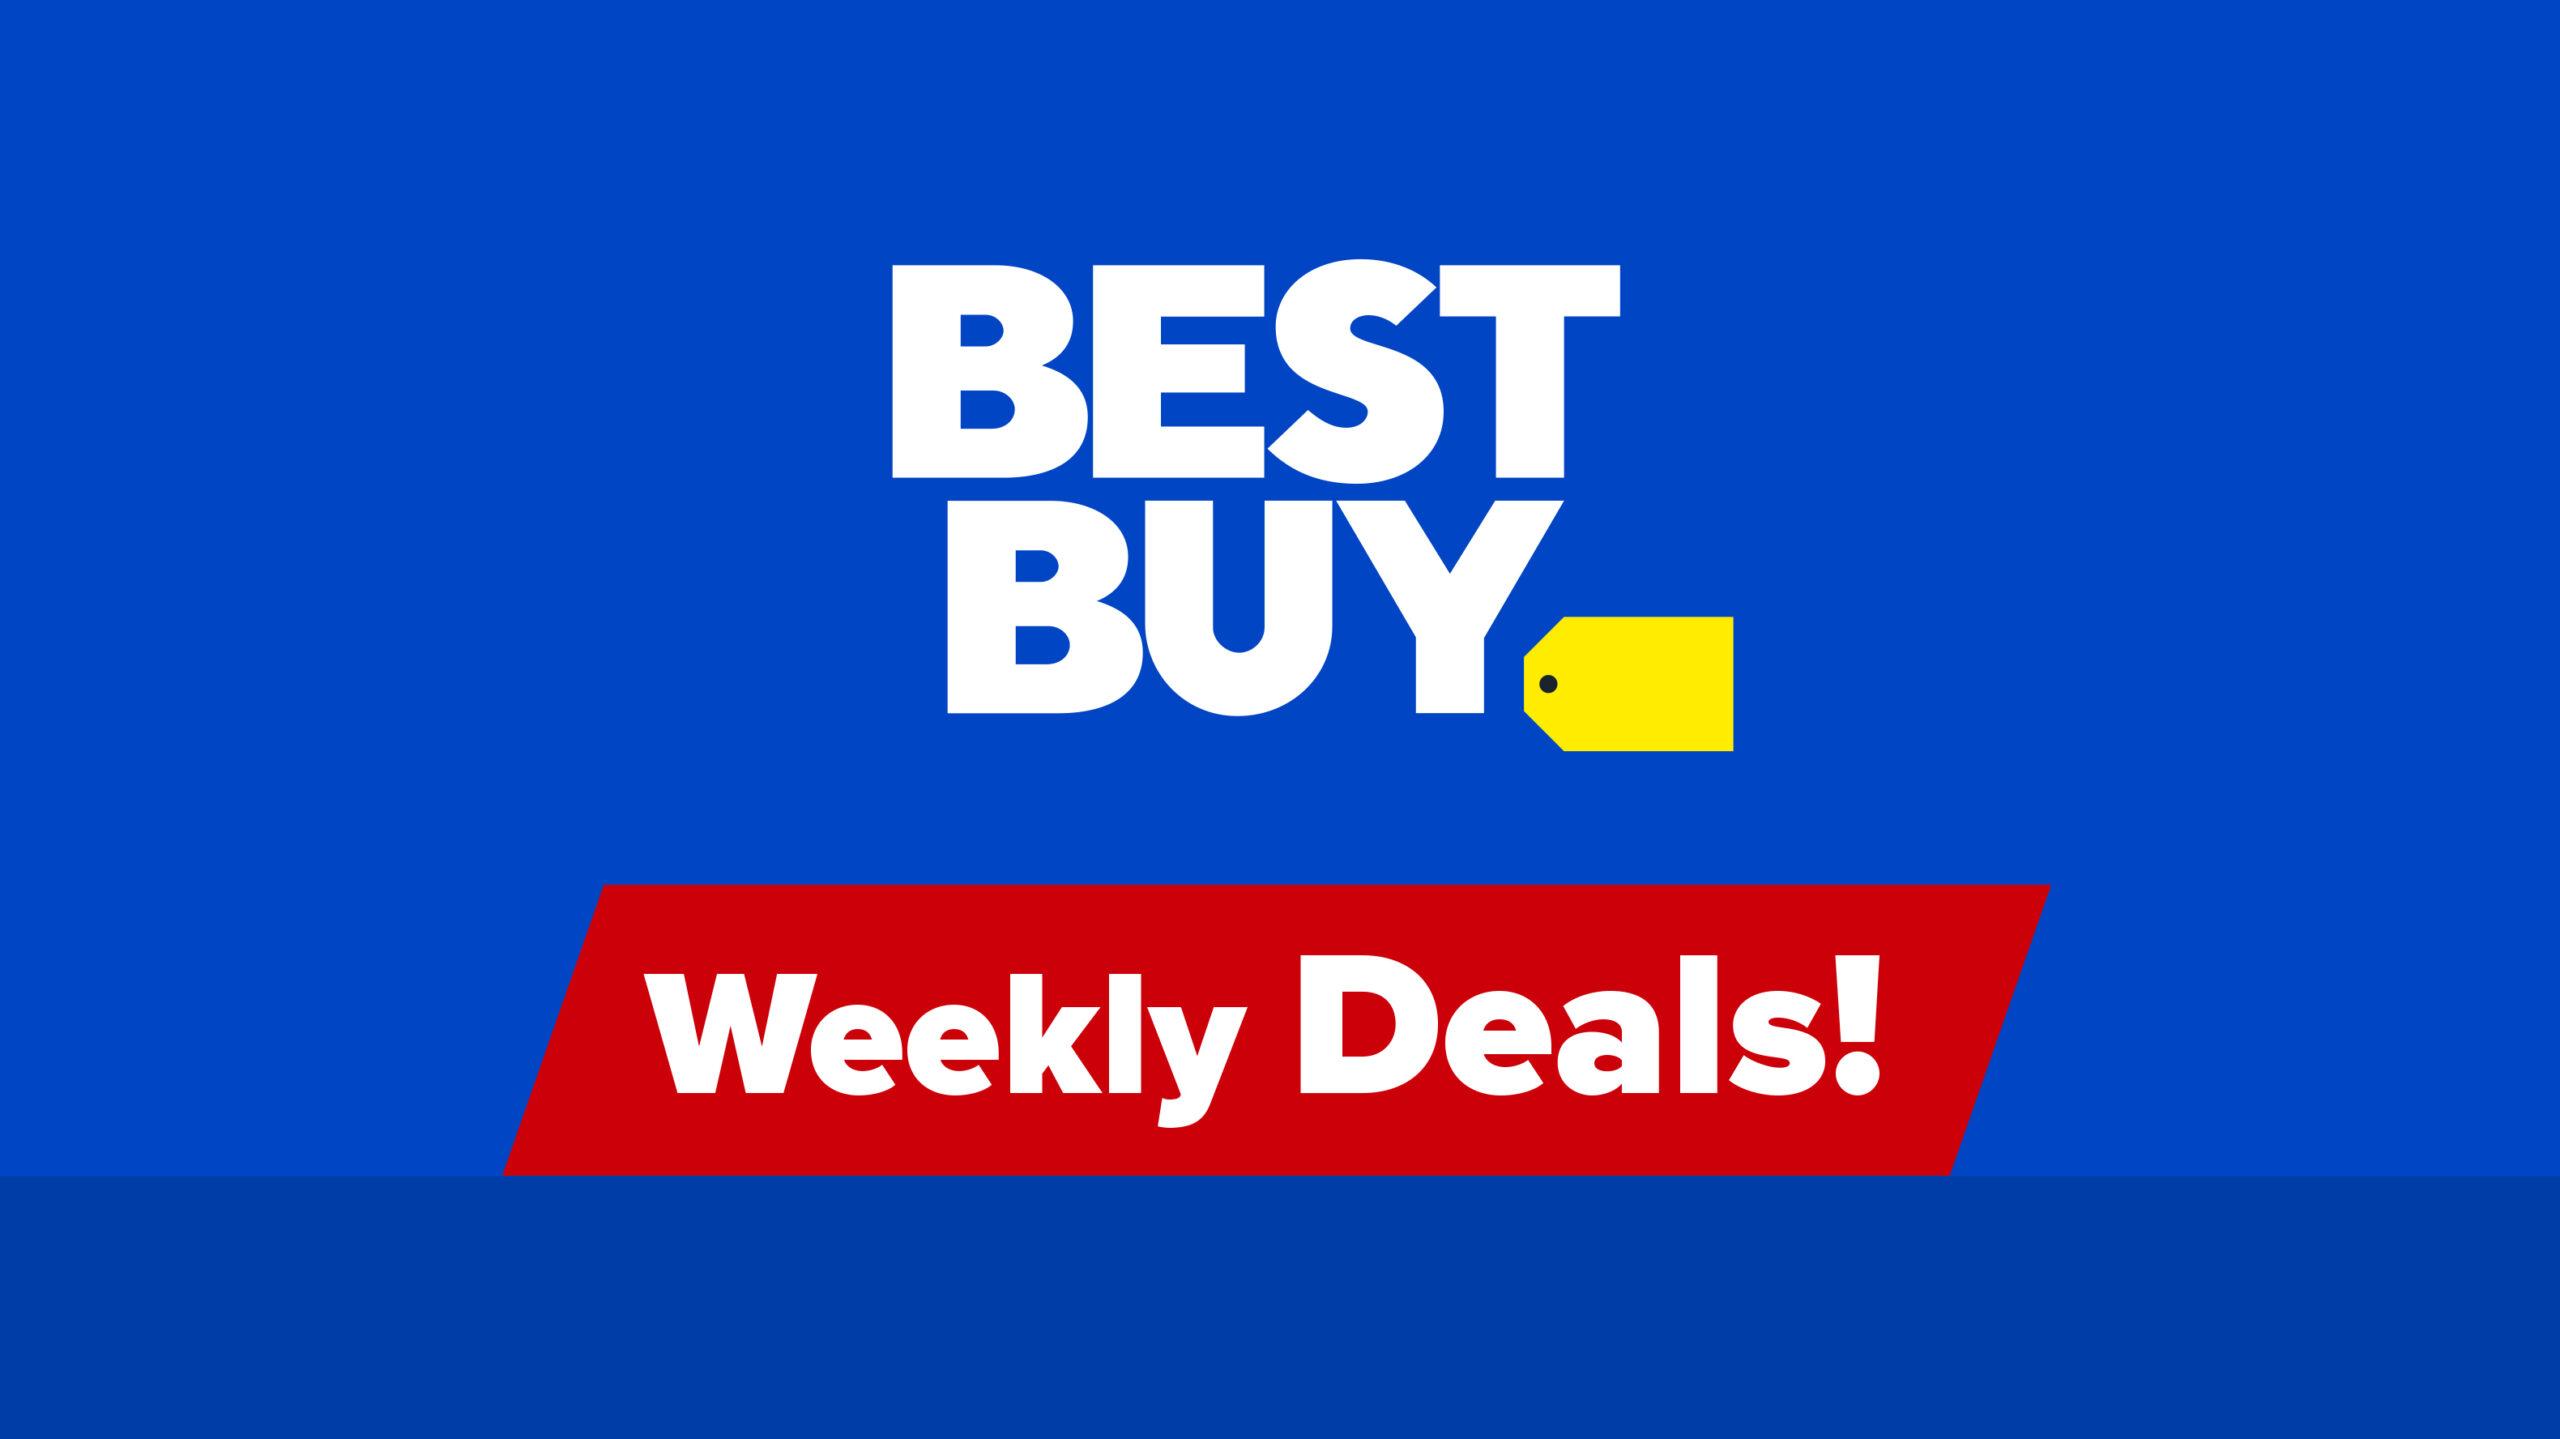 best buy weekly deals